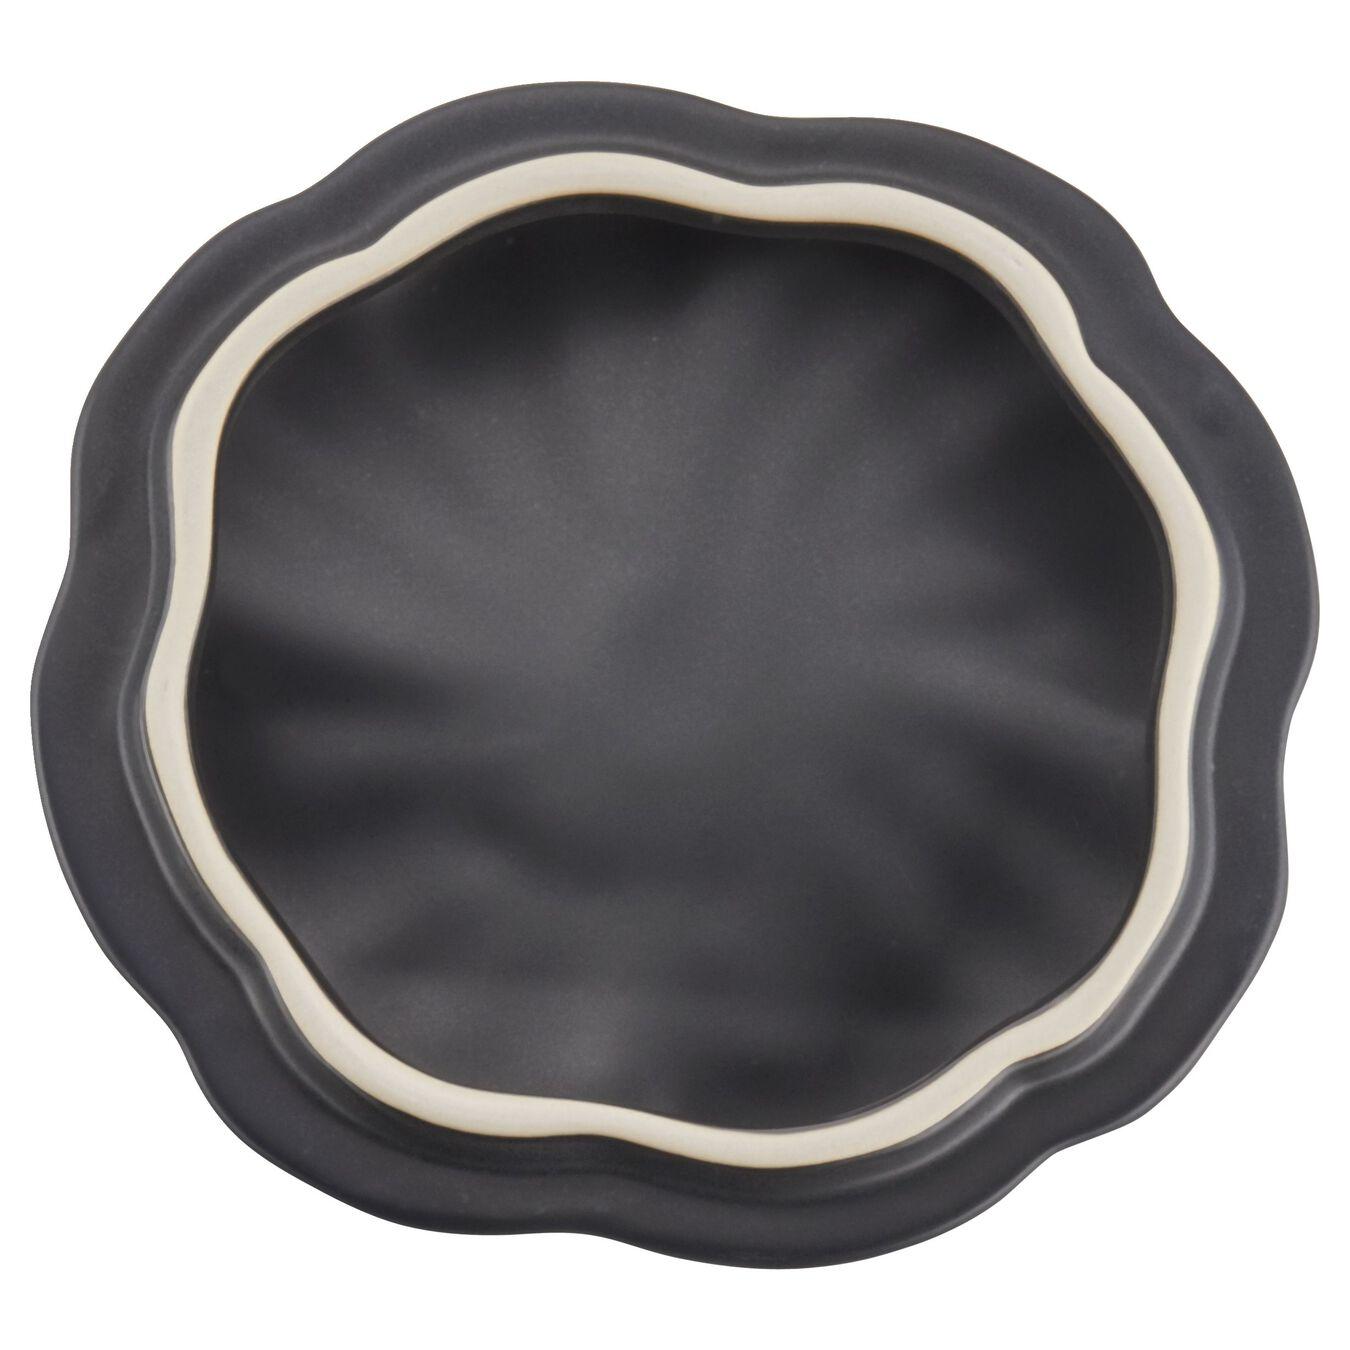 Cocotte 15 cm, Citrouille, Noir, Céramique,,large 8